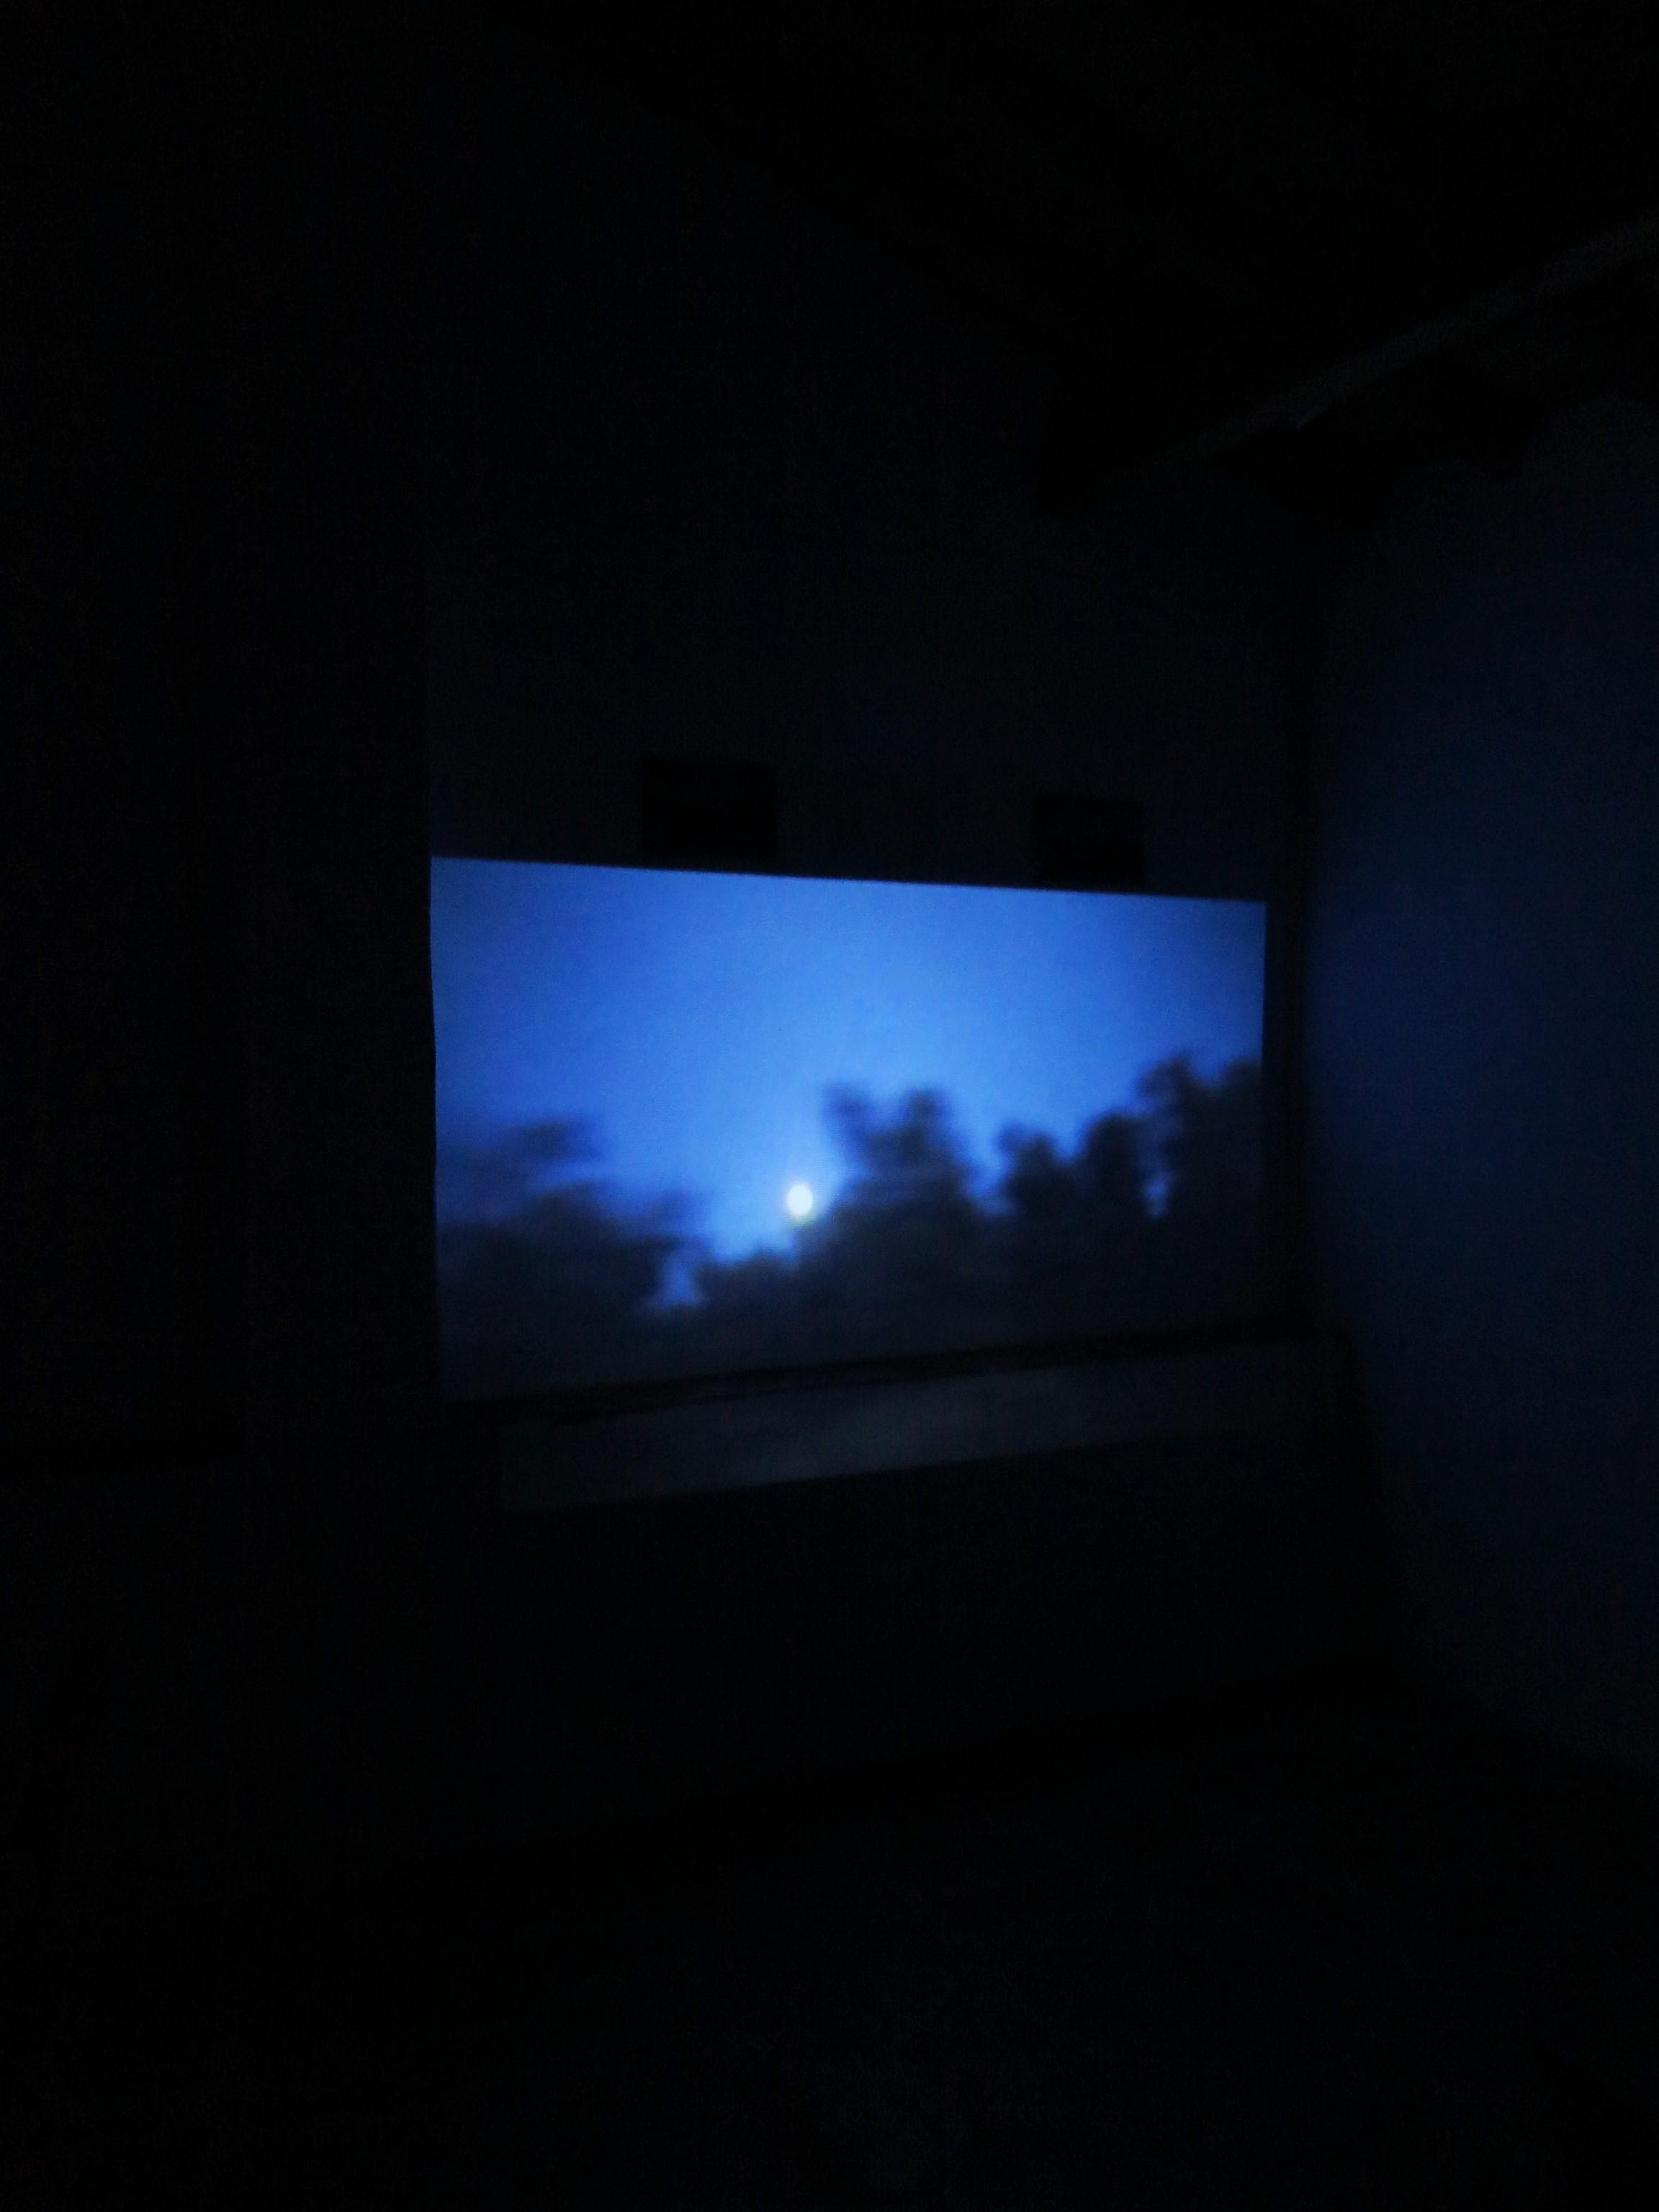 """Presentation of the short film """"Lua Cheia - O tempo está passando"""", Fundacao Obras, Portugal (2018)"""